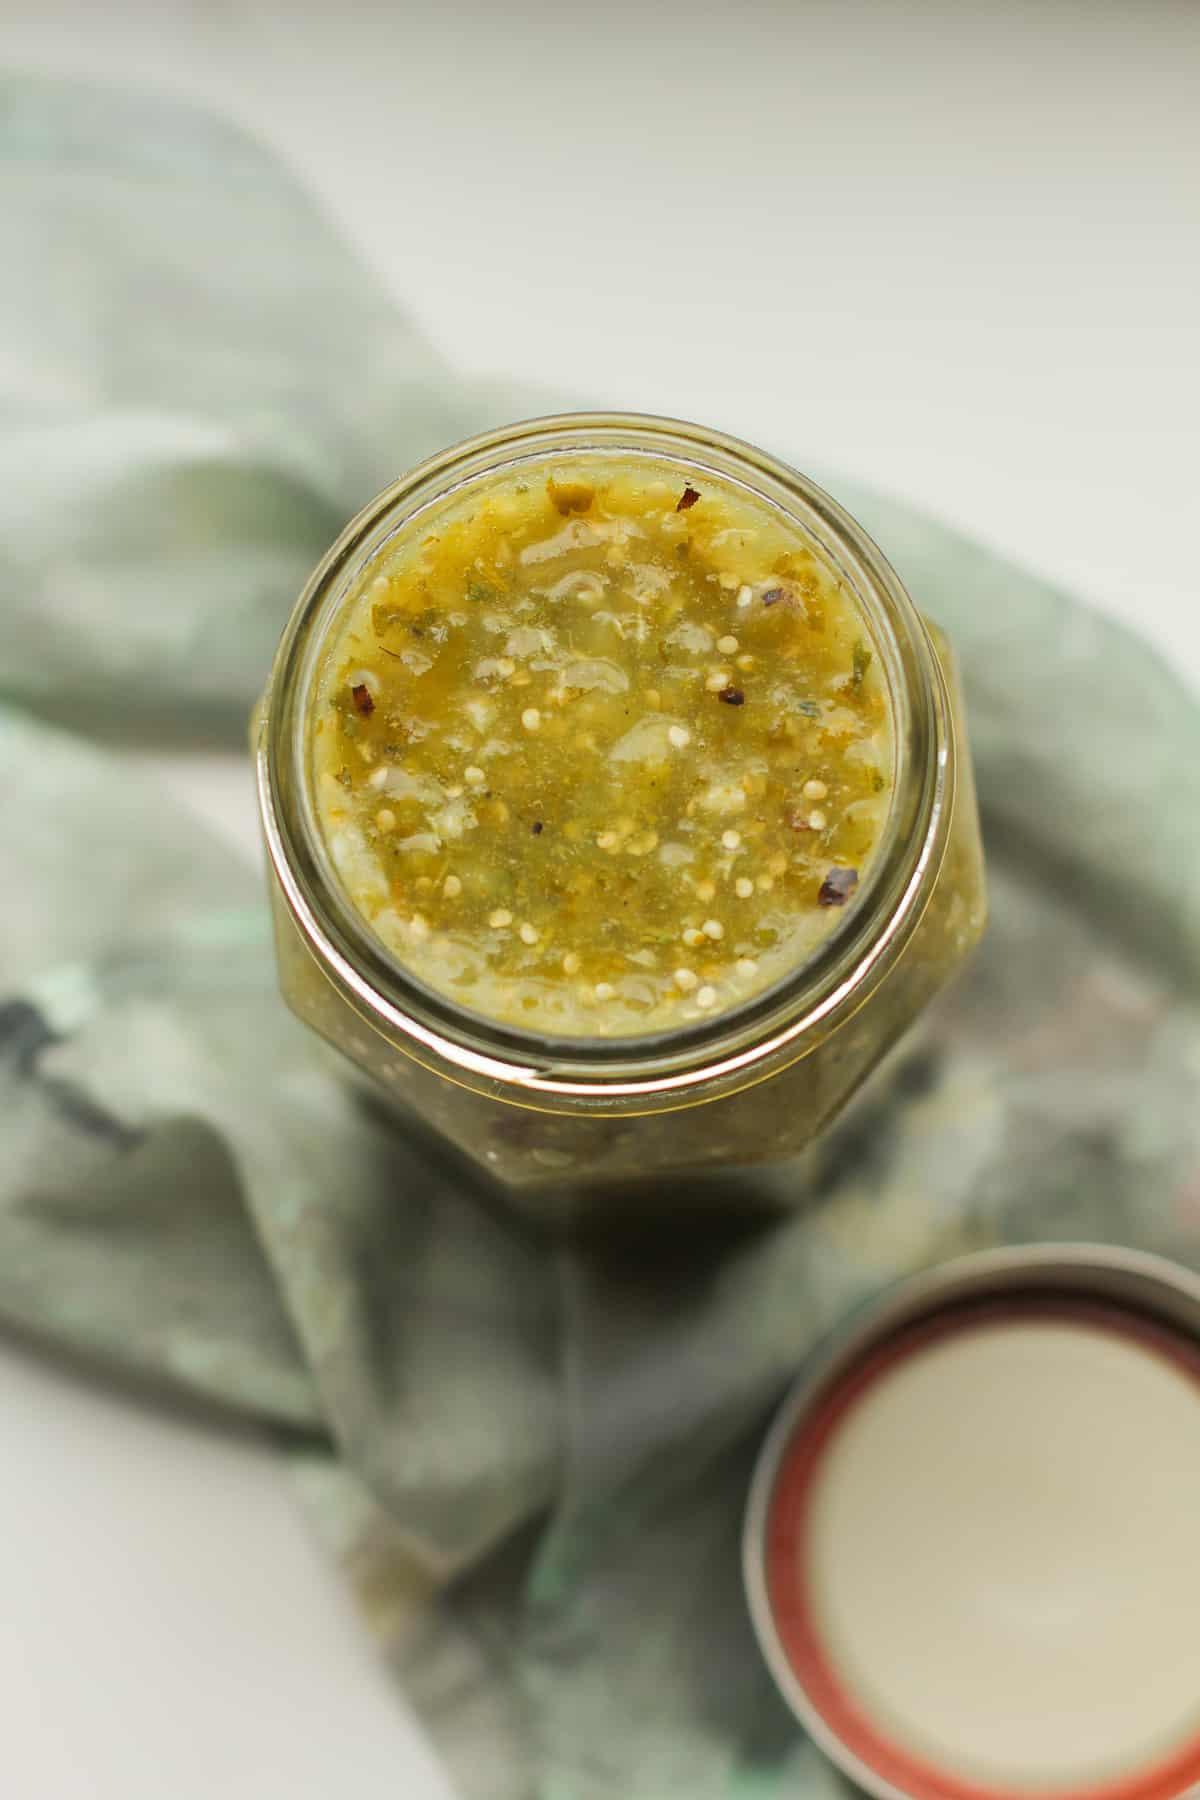 Overhead shot of a jar of homemade salsa verde.